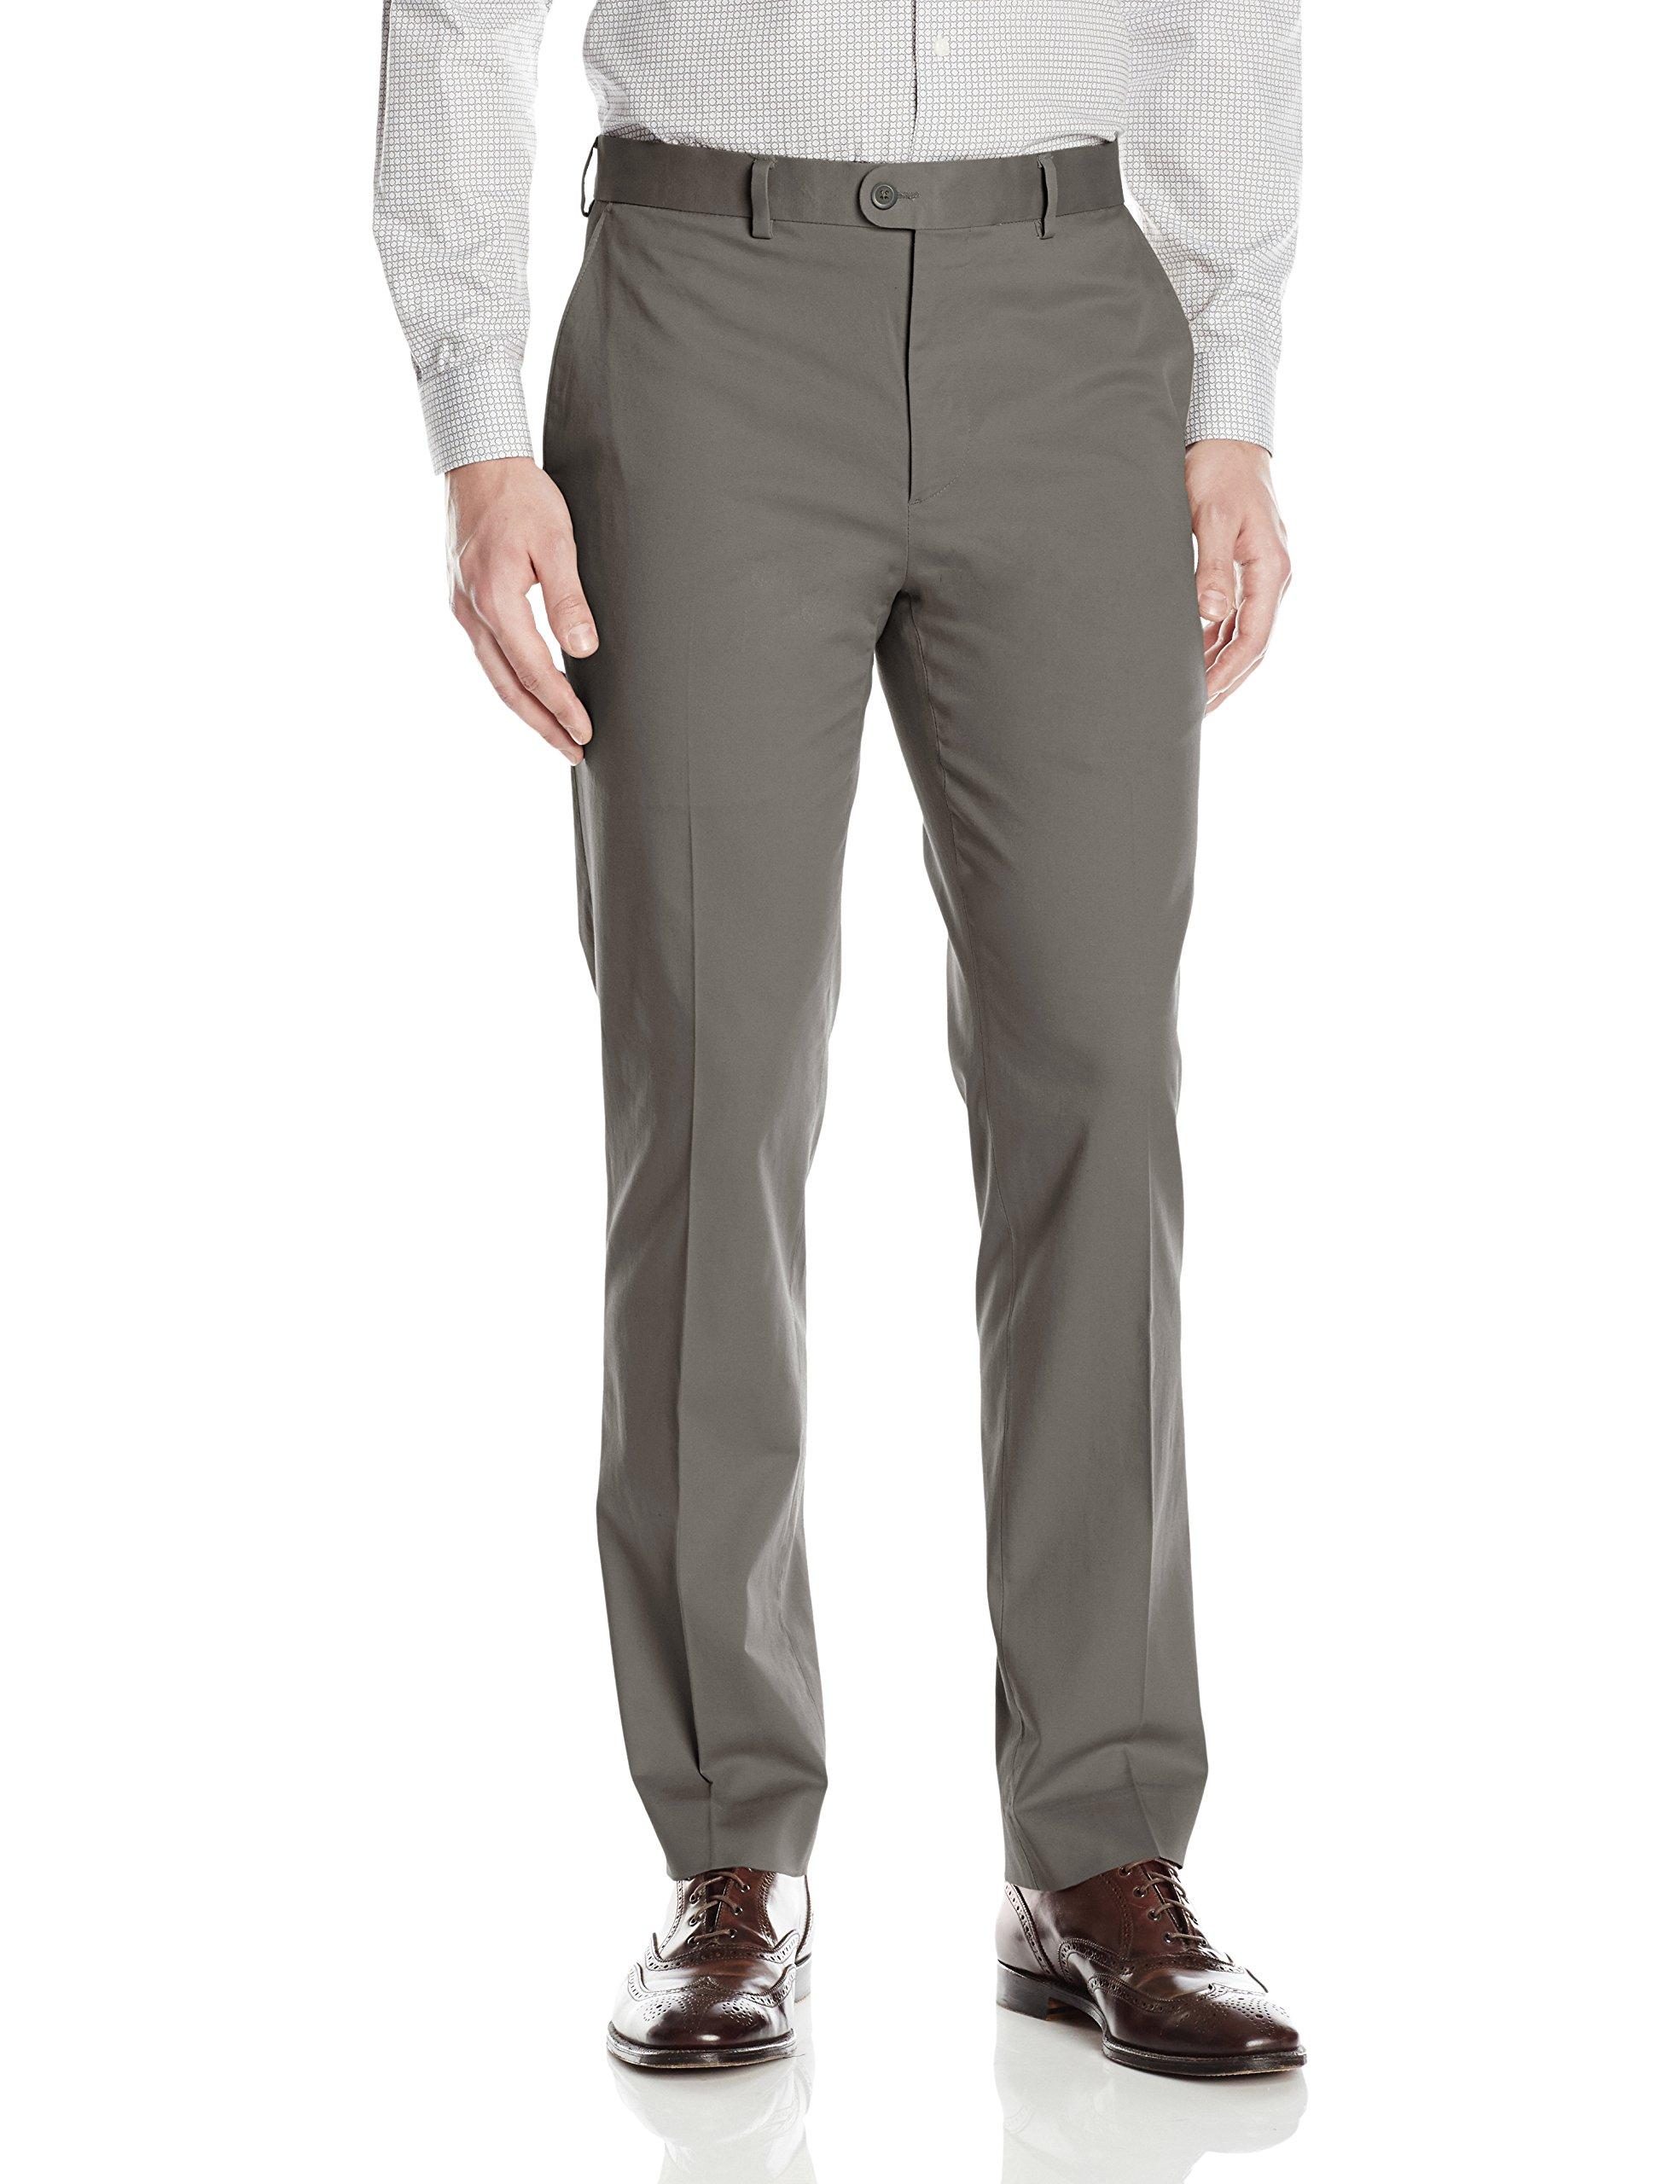 Bensol Men's Flat Front Stretch Cotton Khaki Pant, Charcoal, 36W X 32L by Bensol